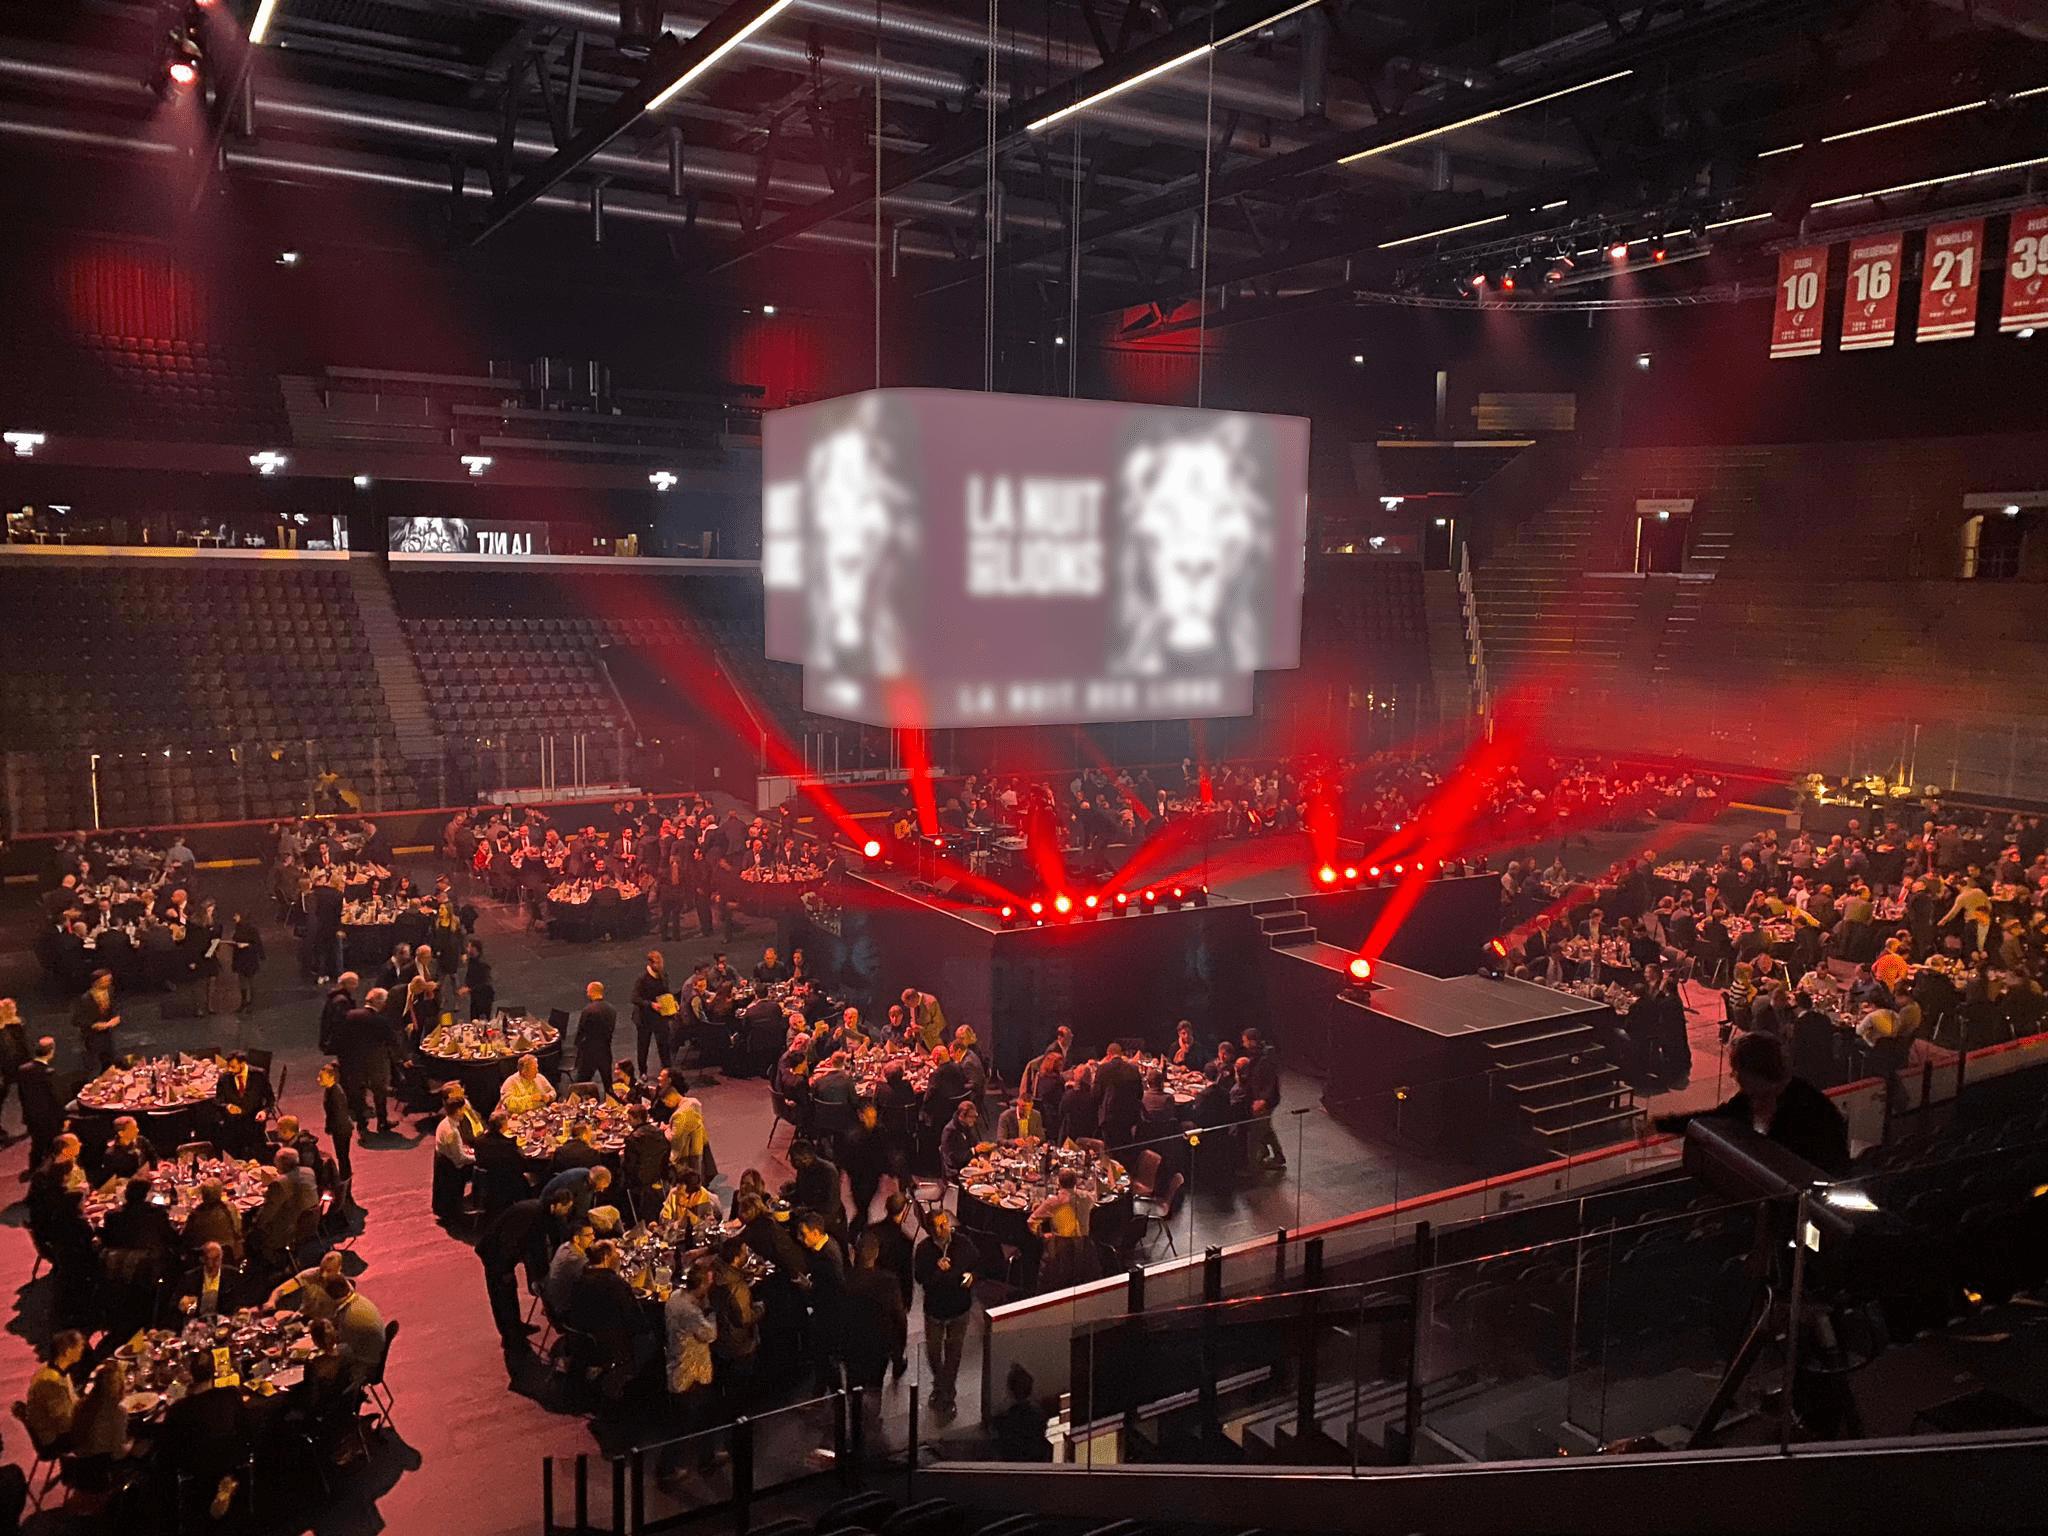 La patinoire de la Vaudoise aréna recouverte pour accueillir un banquet